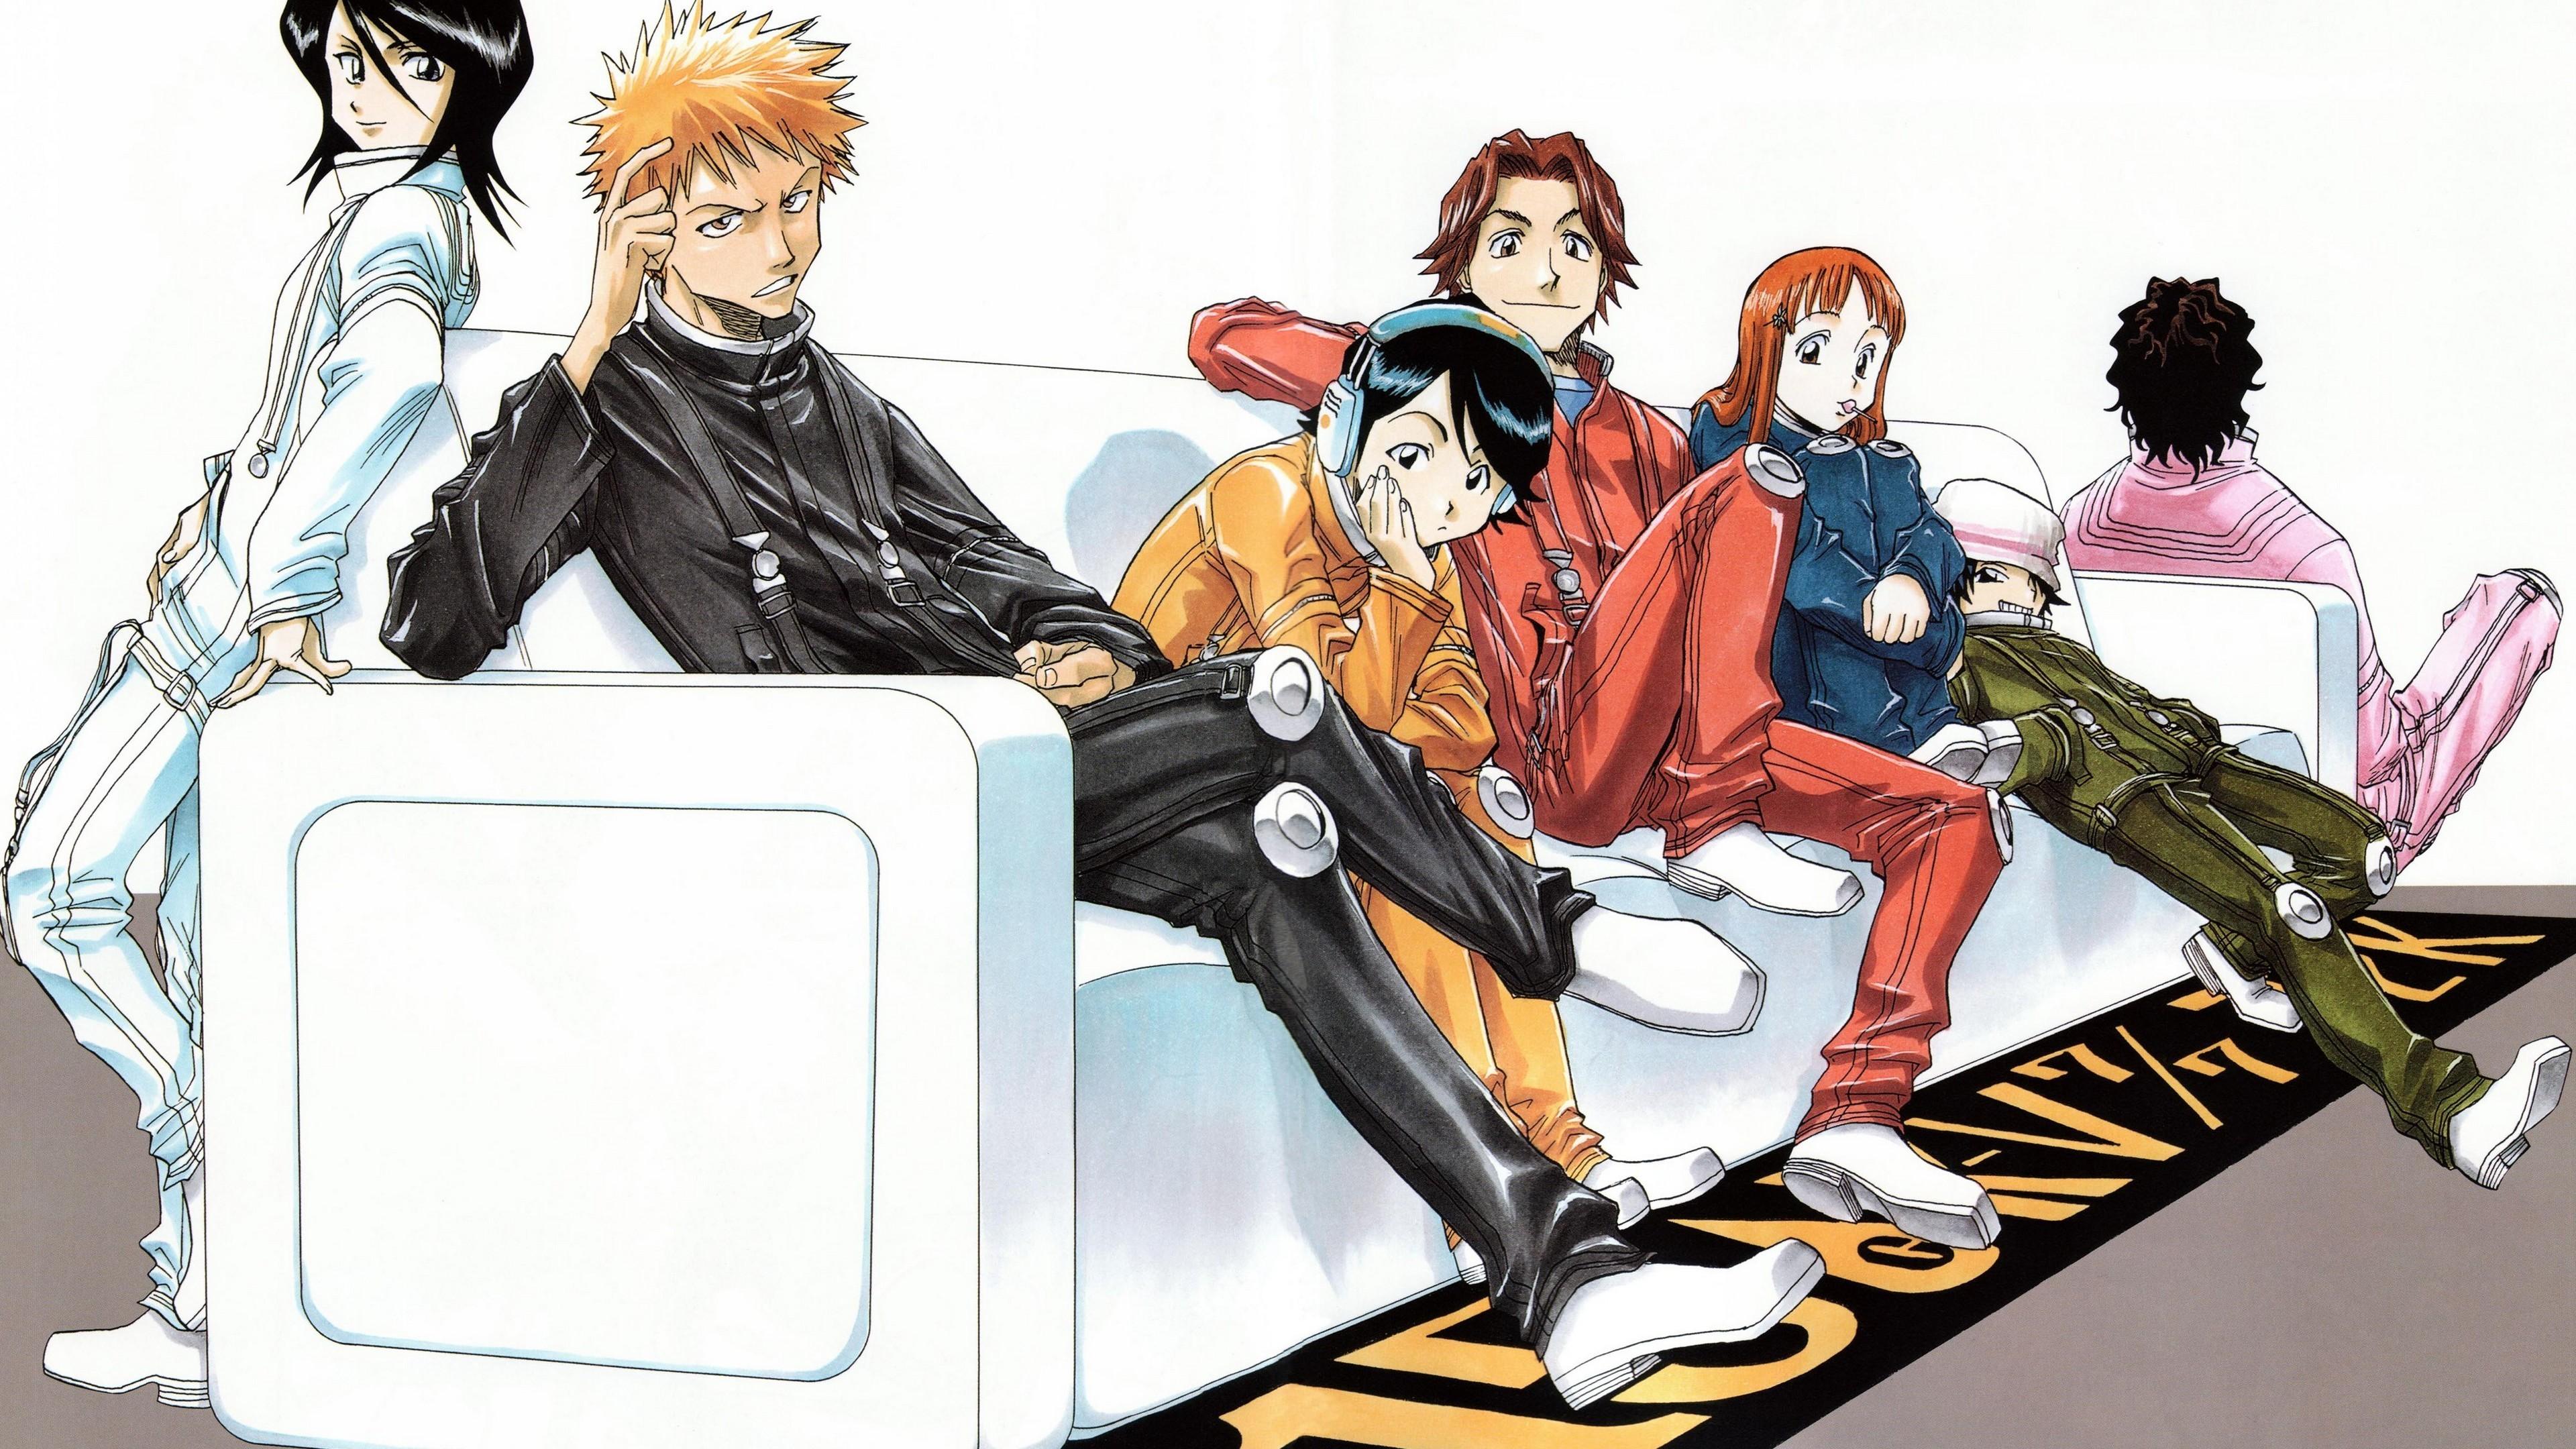 Res: 3840x2160, Bleach Ichigo Kurosaki Rukia Kuchiki Orihime Inoue Yasutora Sado Wallpaper